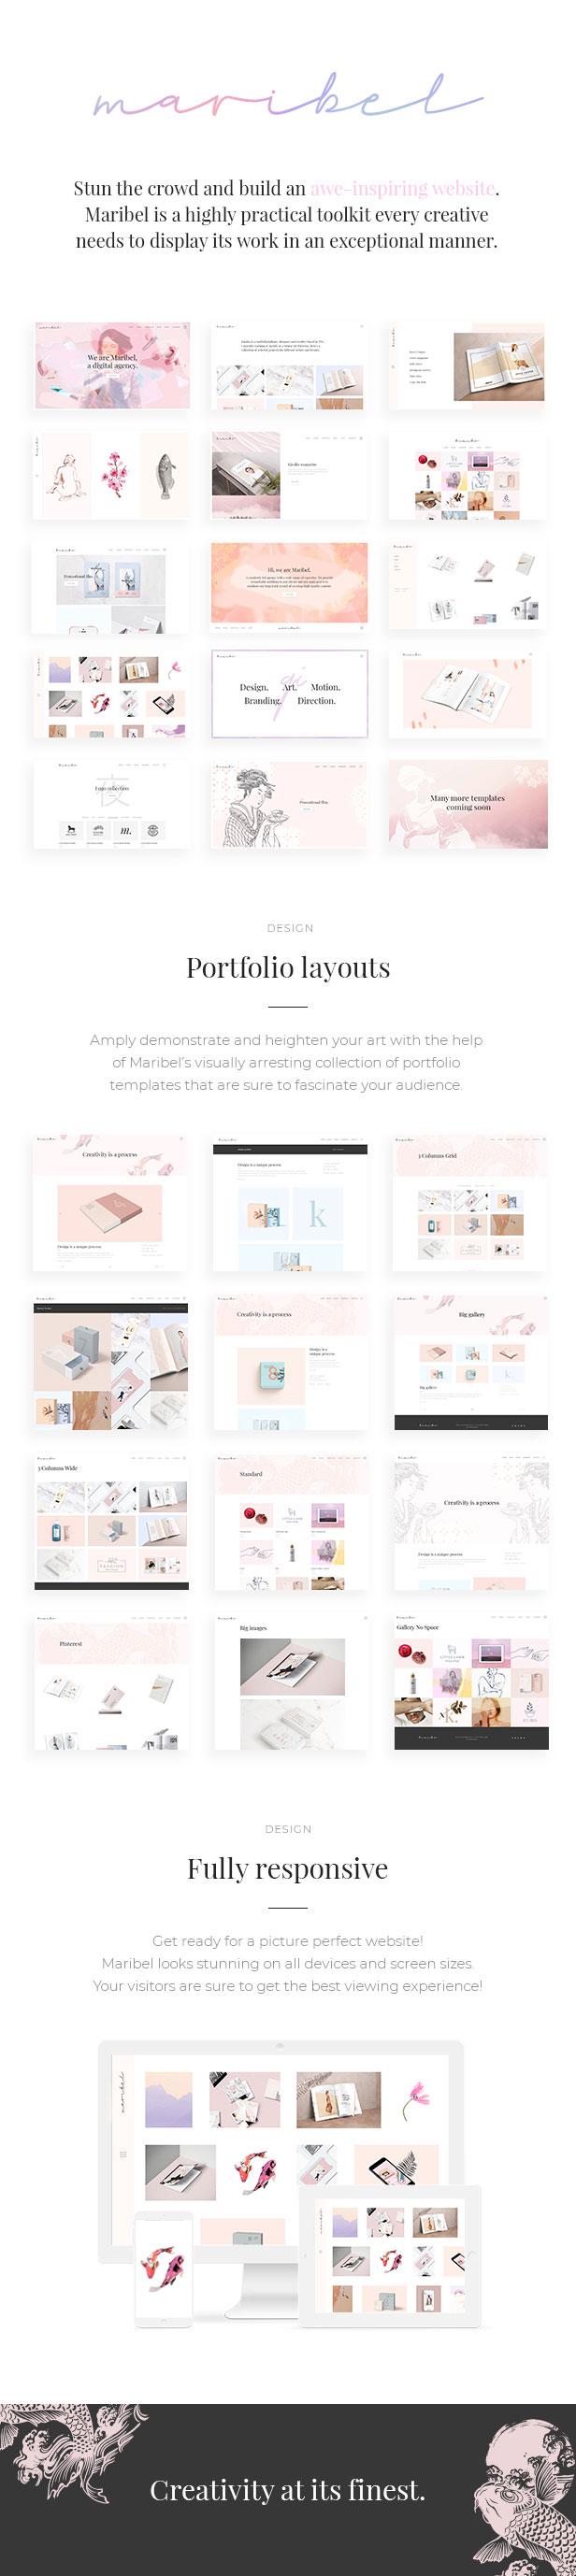 Maribel - Alluring Portfolio Layout für Kreative - 1